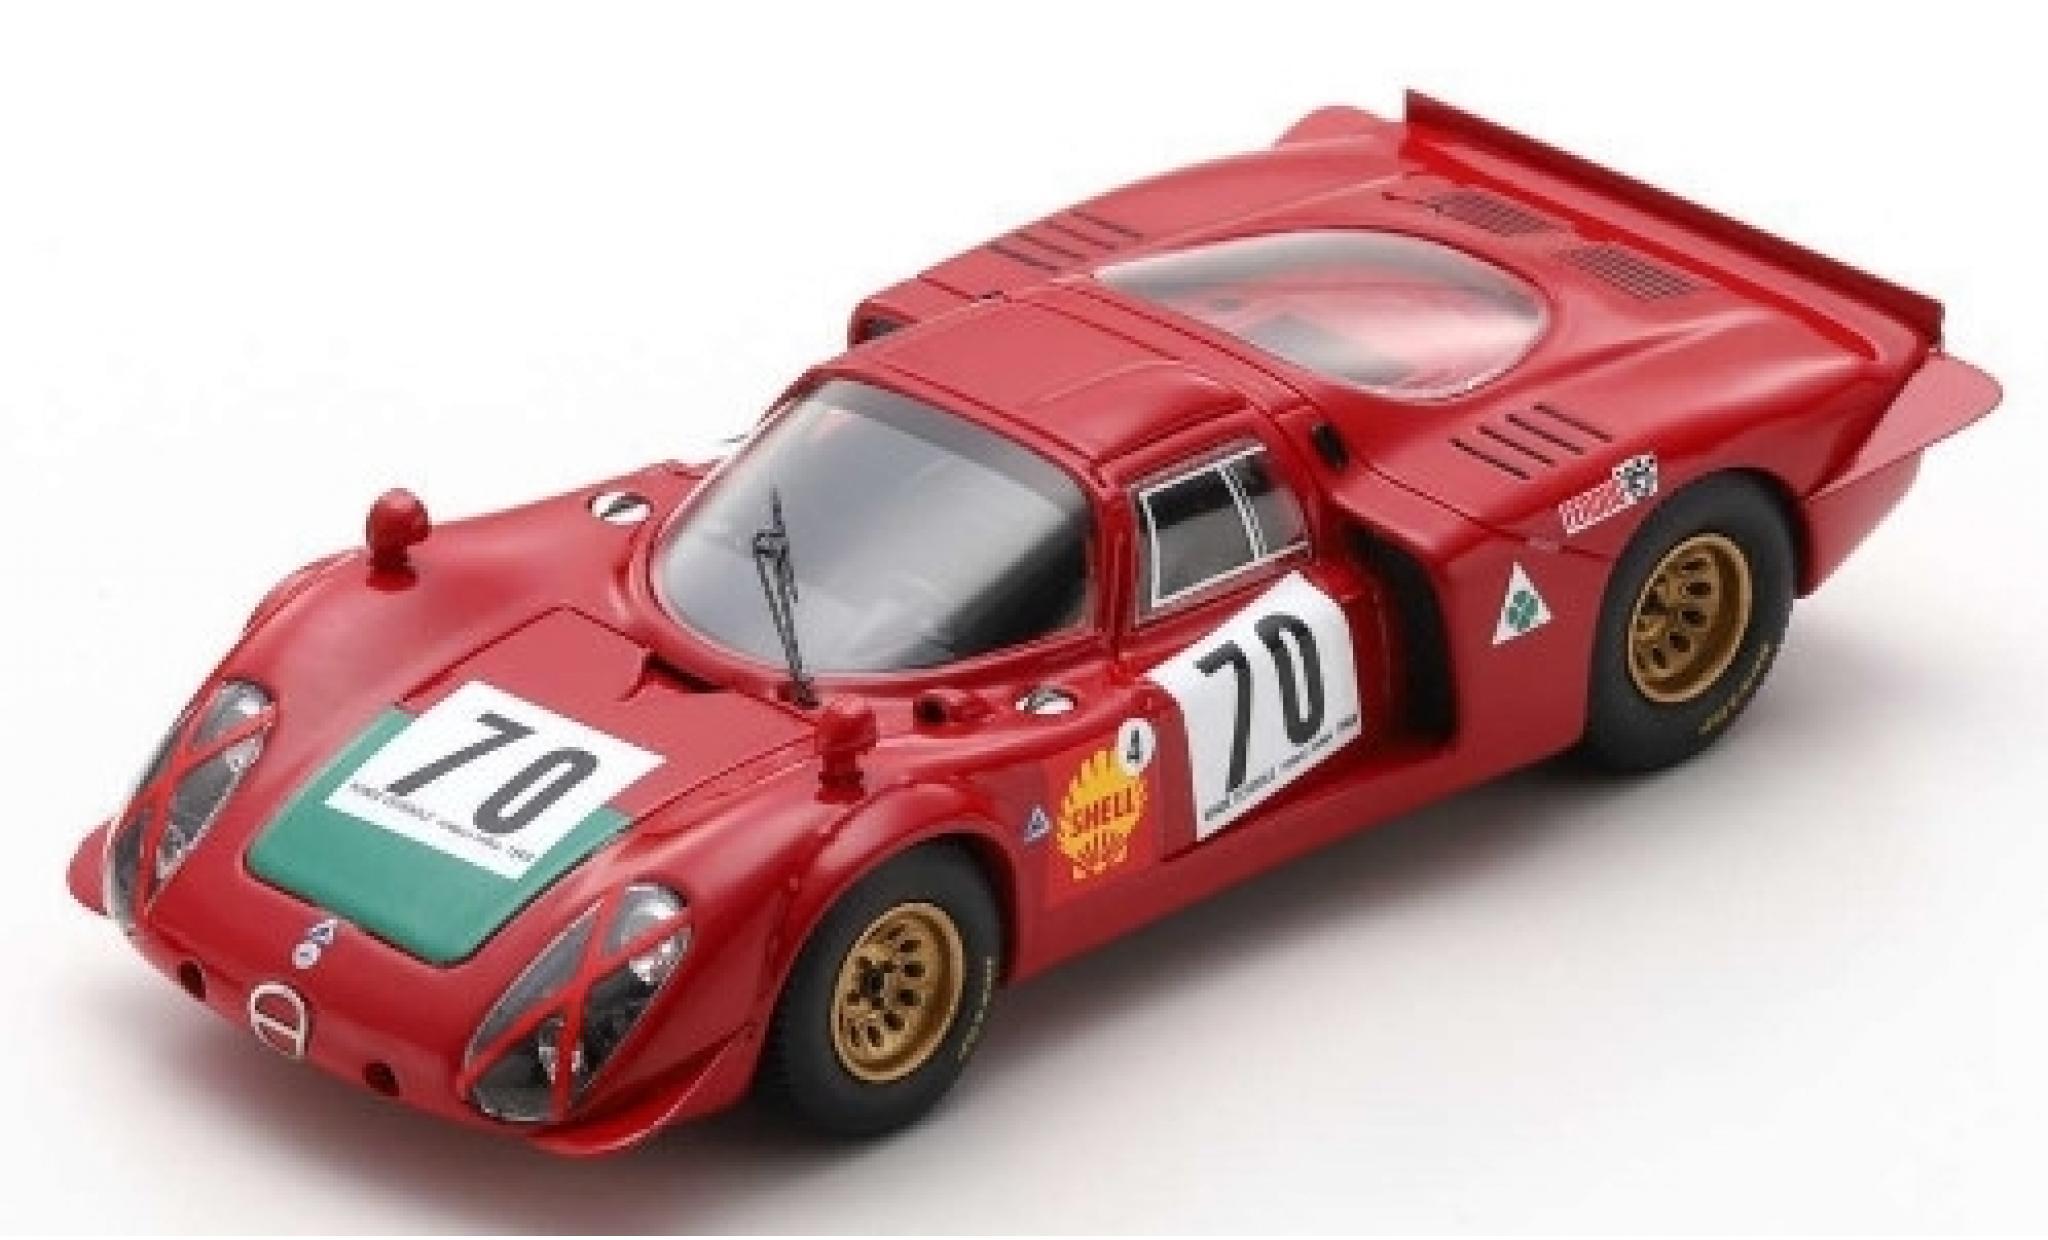 Alfa Romeo T33 1/43 Spark Tipo 33/2 No.70 Autodelta Ronde Cevenole 1969 I.Giunti